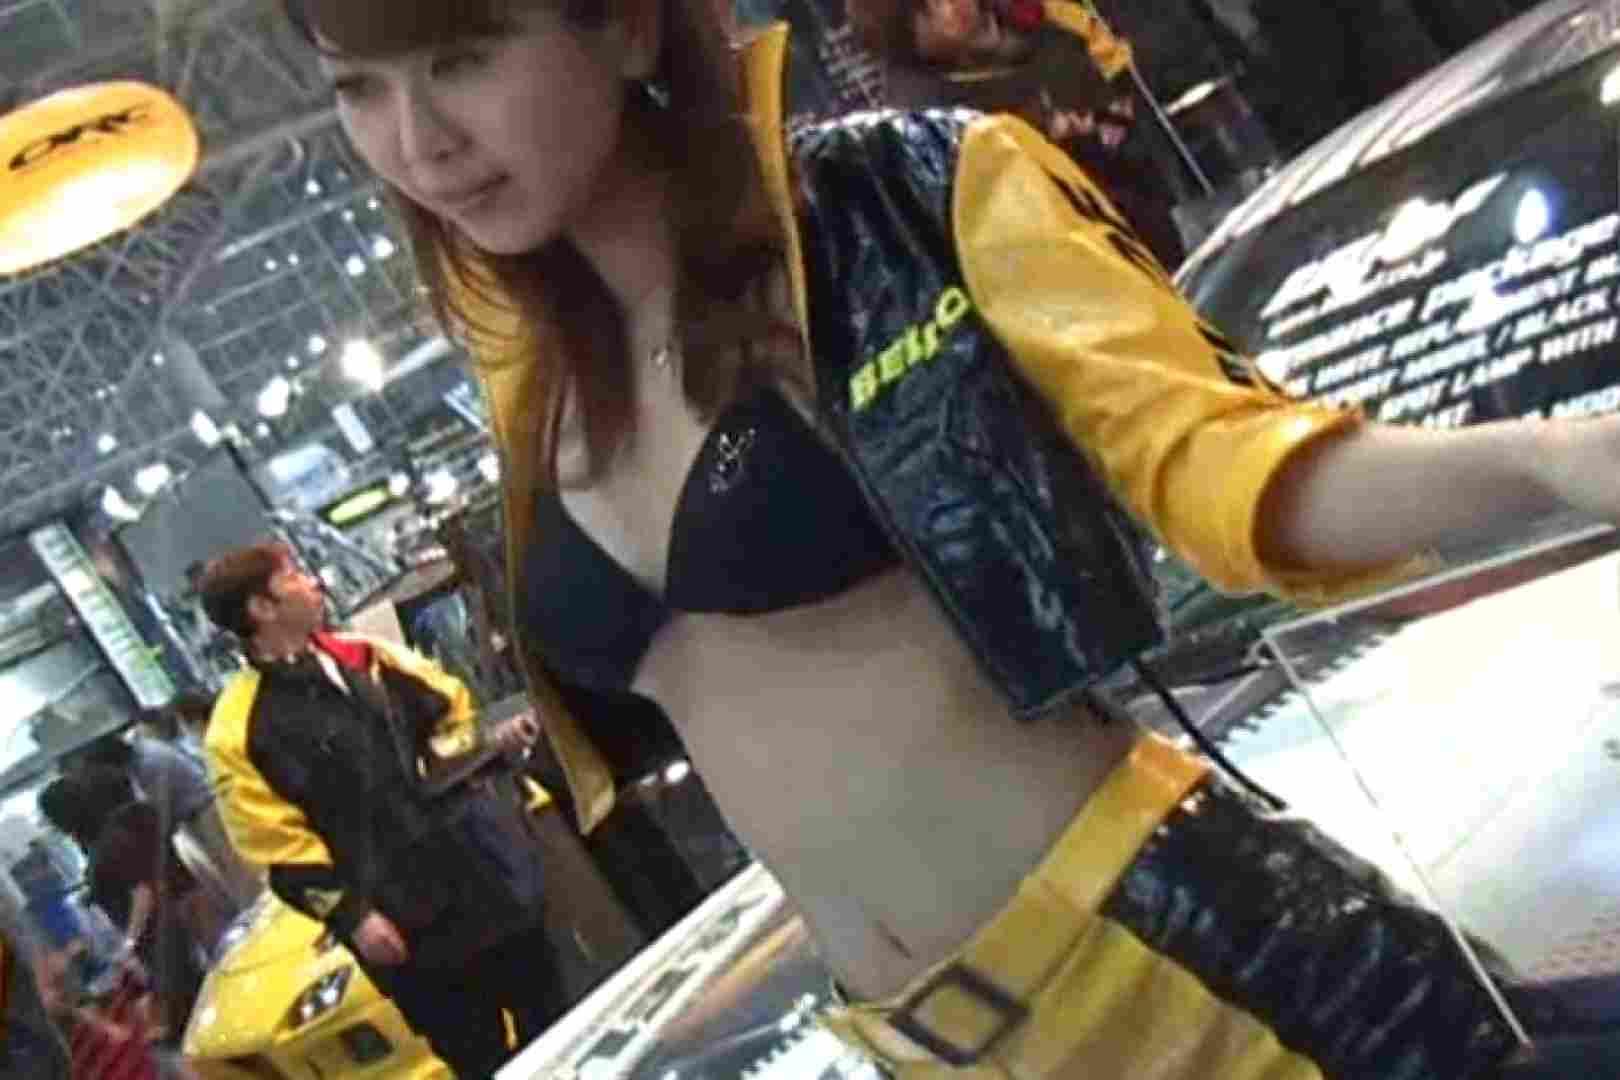 胸チラはもらった~!!胸元争奪戦!!Vol.2 美女ヌード AV無料動画キャプチャ 73画像 21